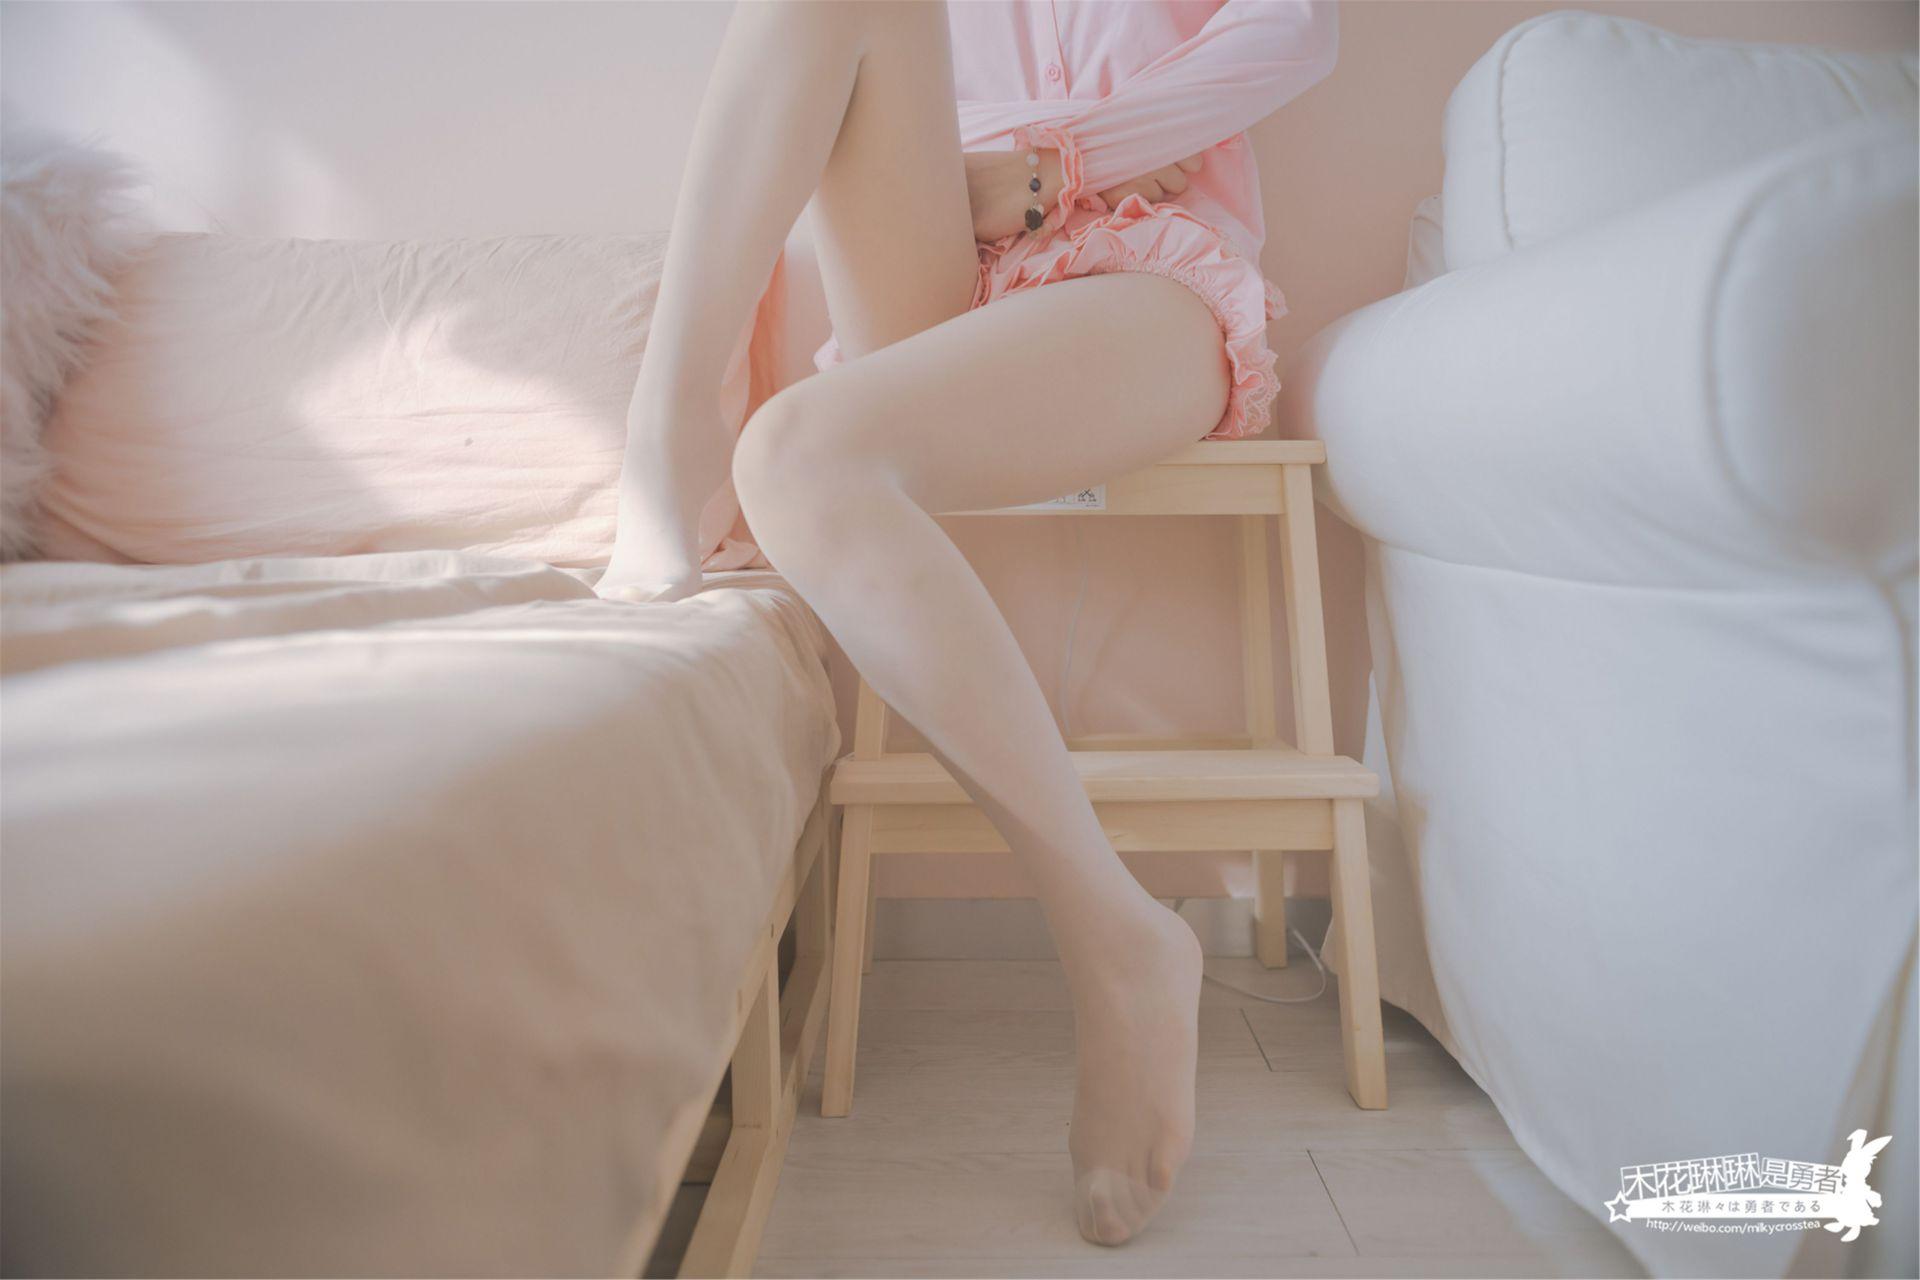 木花琳琳是勇者 No008 こどものじかん 兔玩映画 第39张